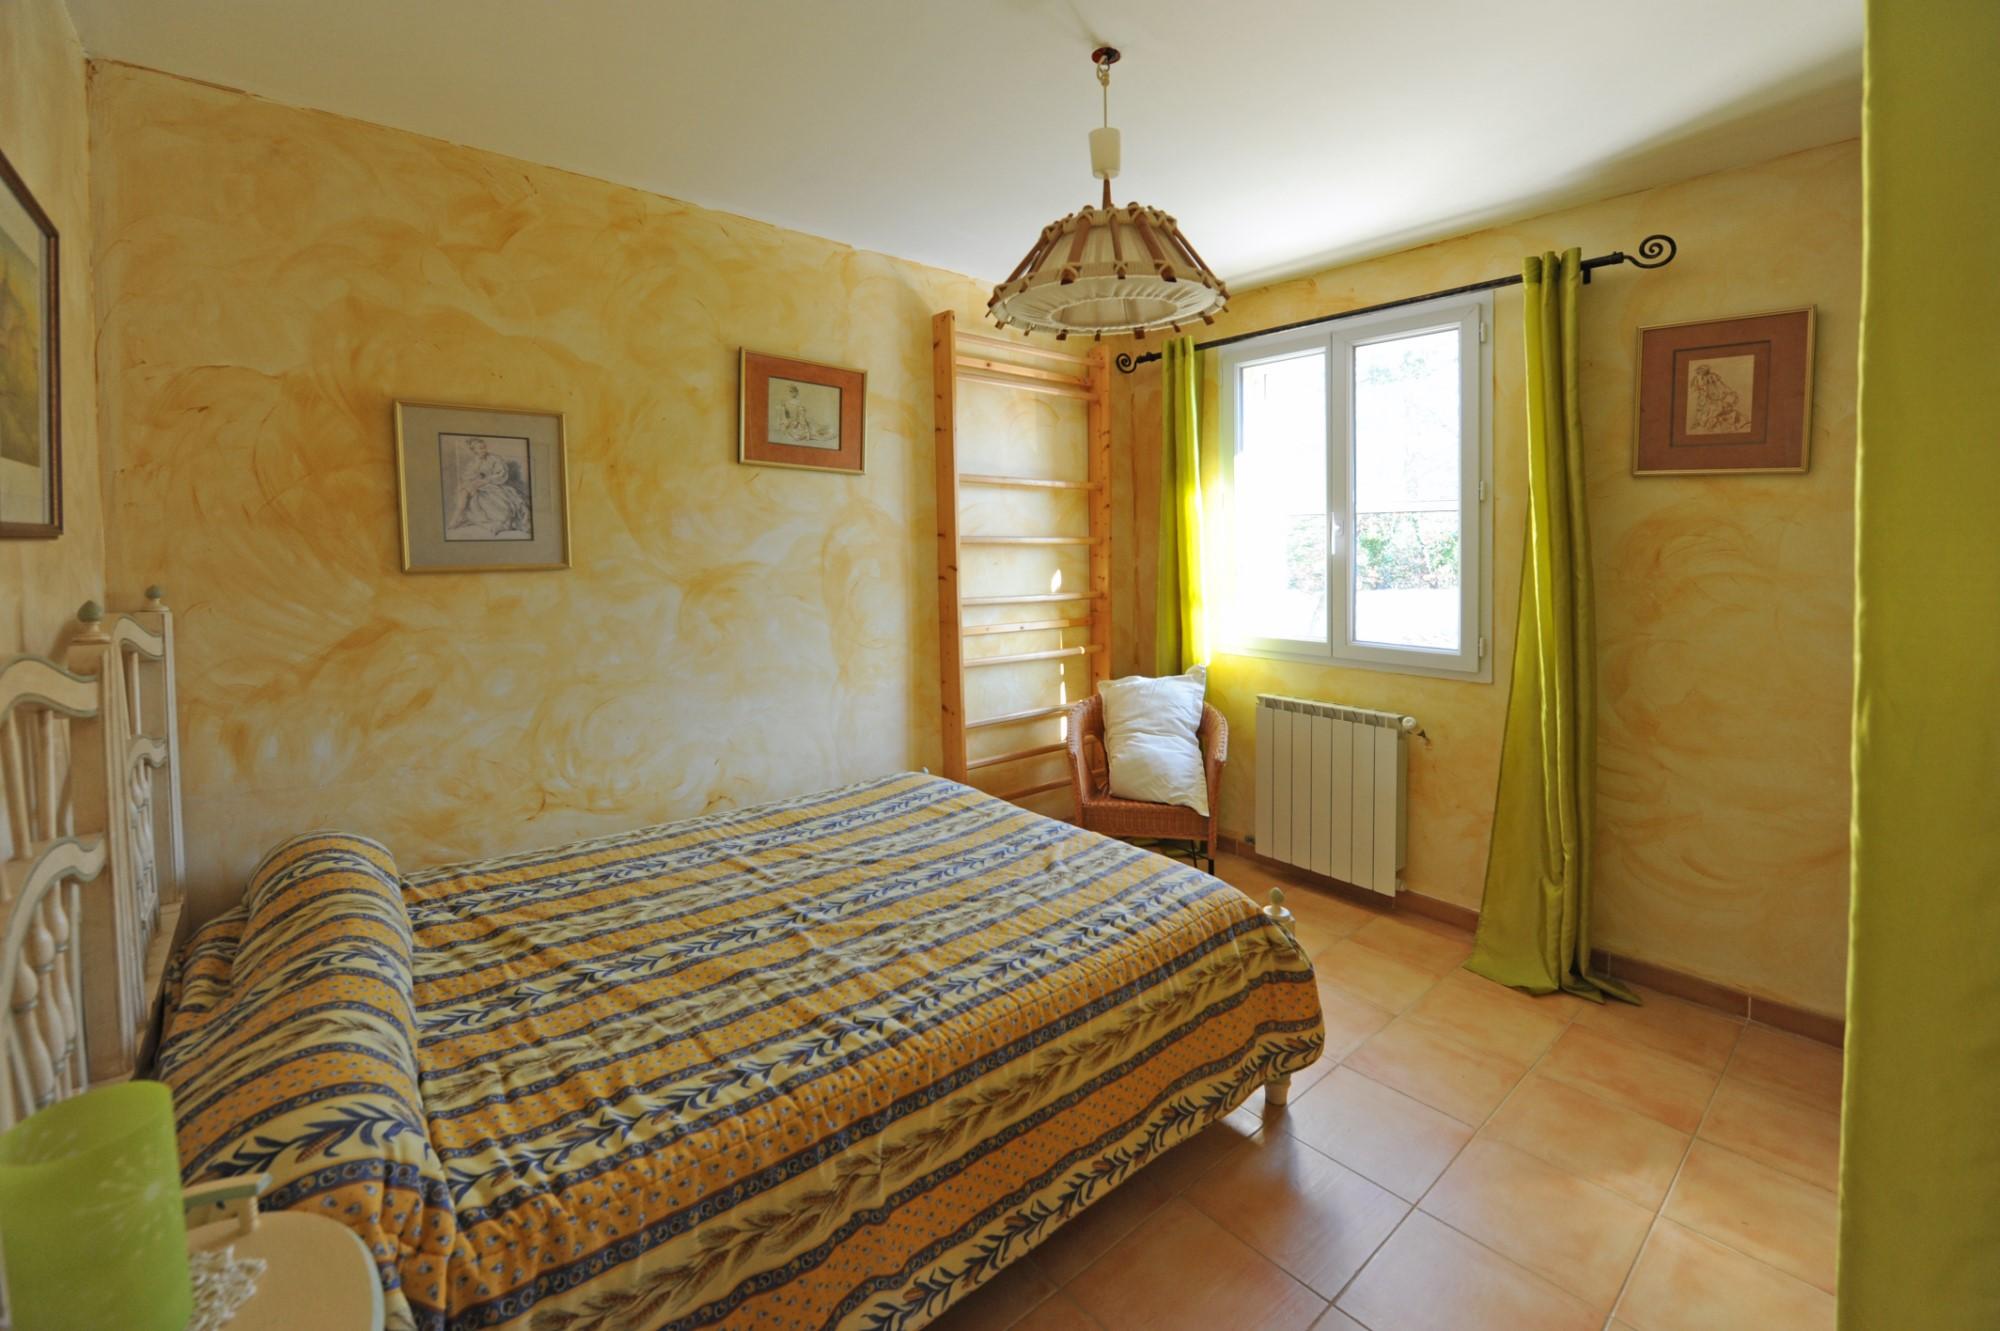 A vendre au coeur du Luberon, villa avec piscine et vue sur le Luberon